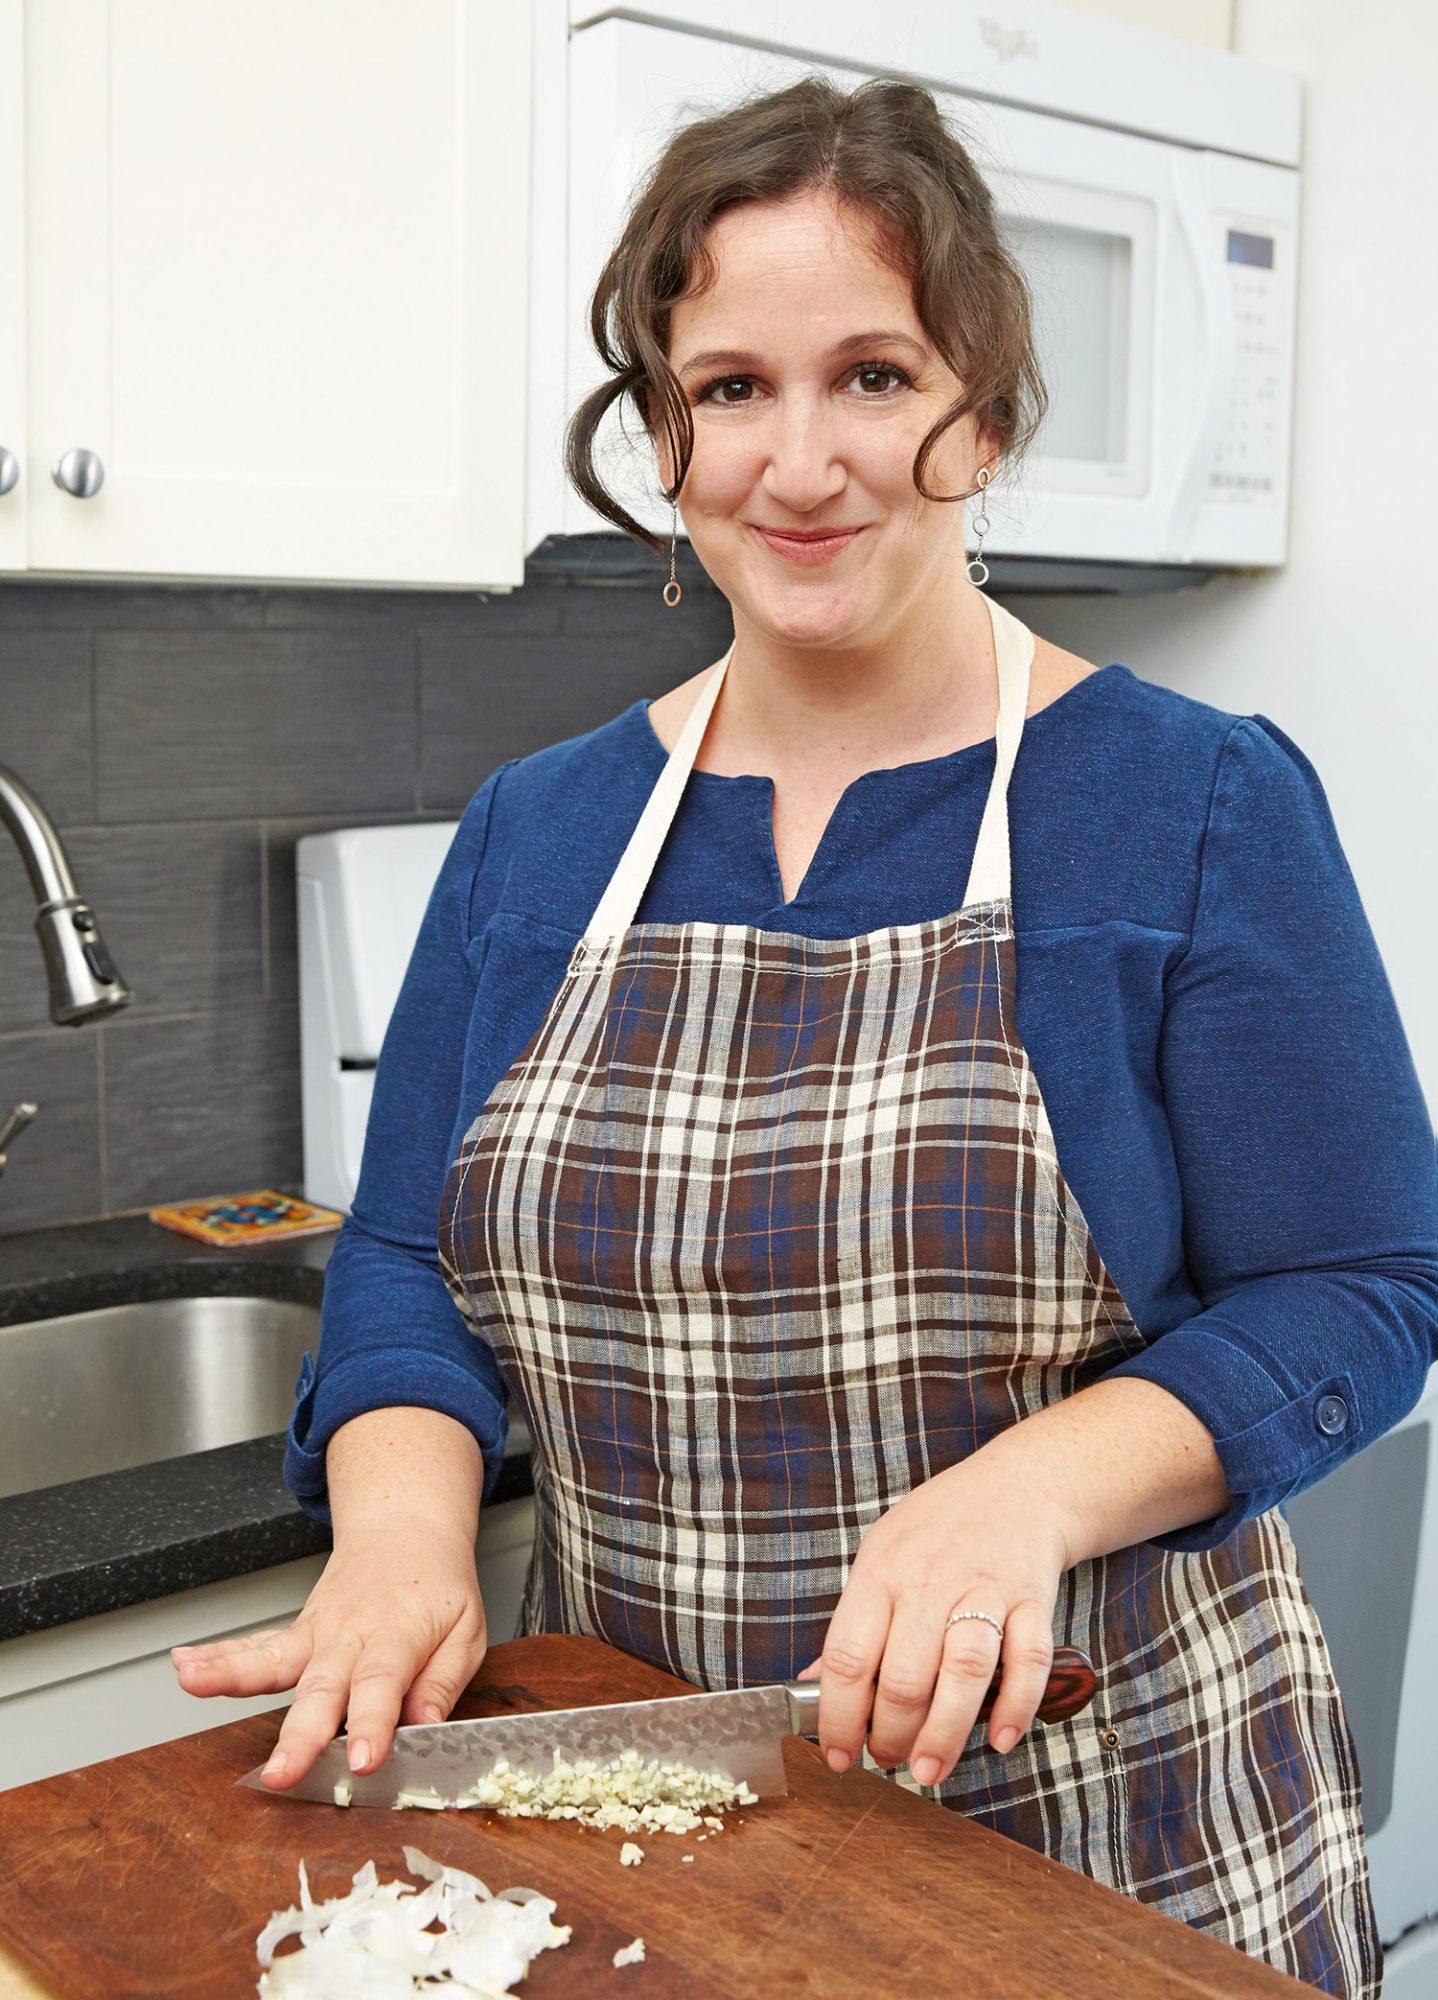 deb perelman from smitten kitchen